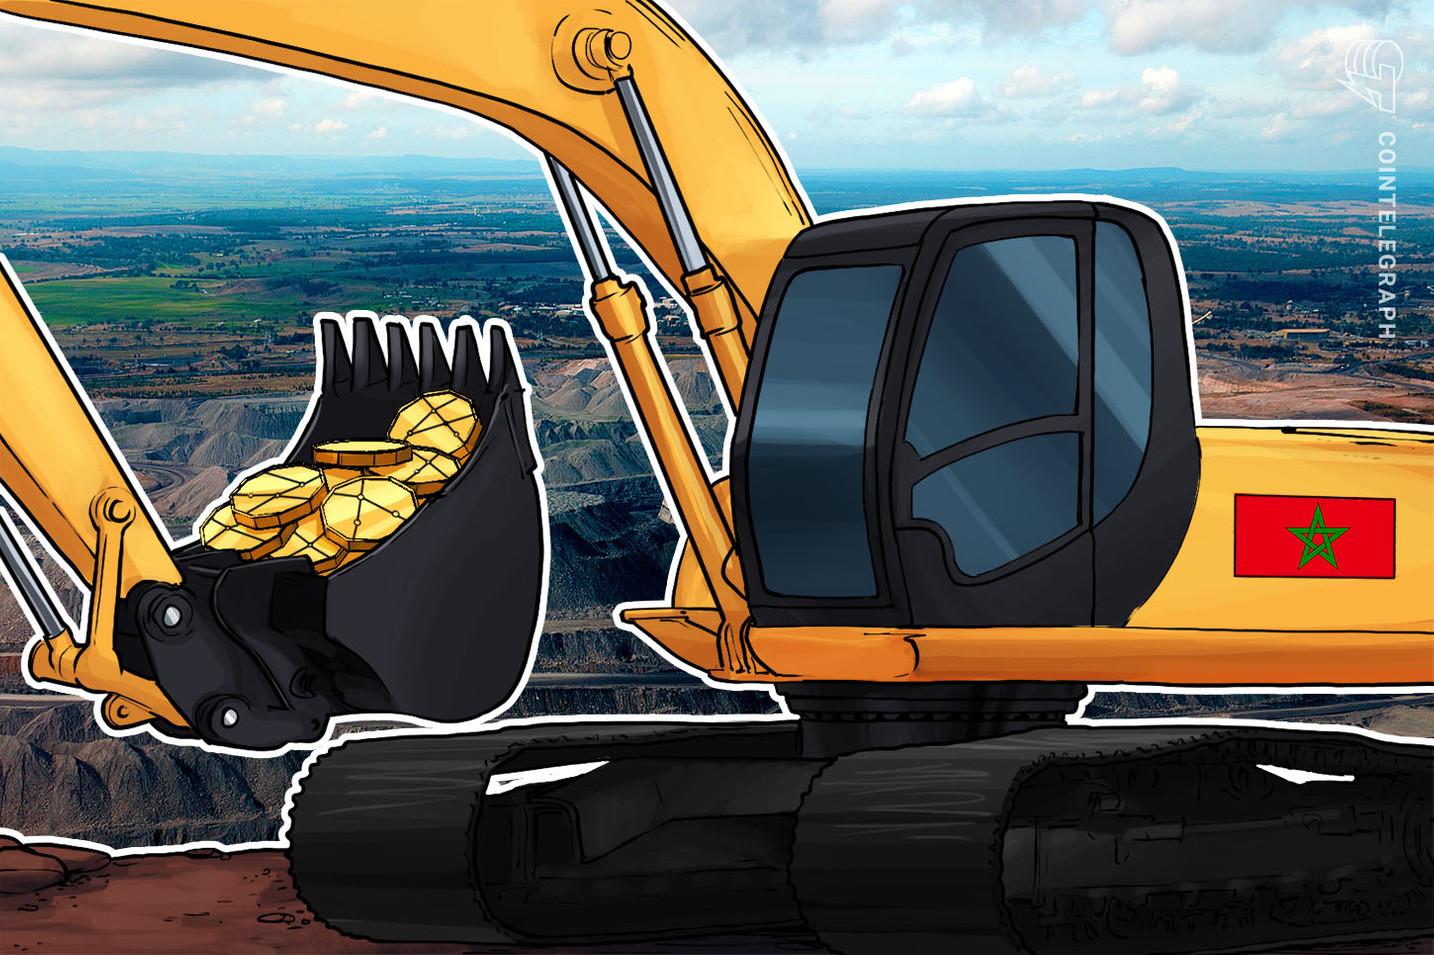 Izgradnja 36 megavatne bitkoin rudarske farme u Maroku počinje u januaru 2019